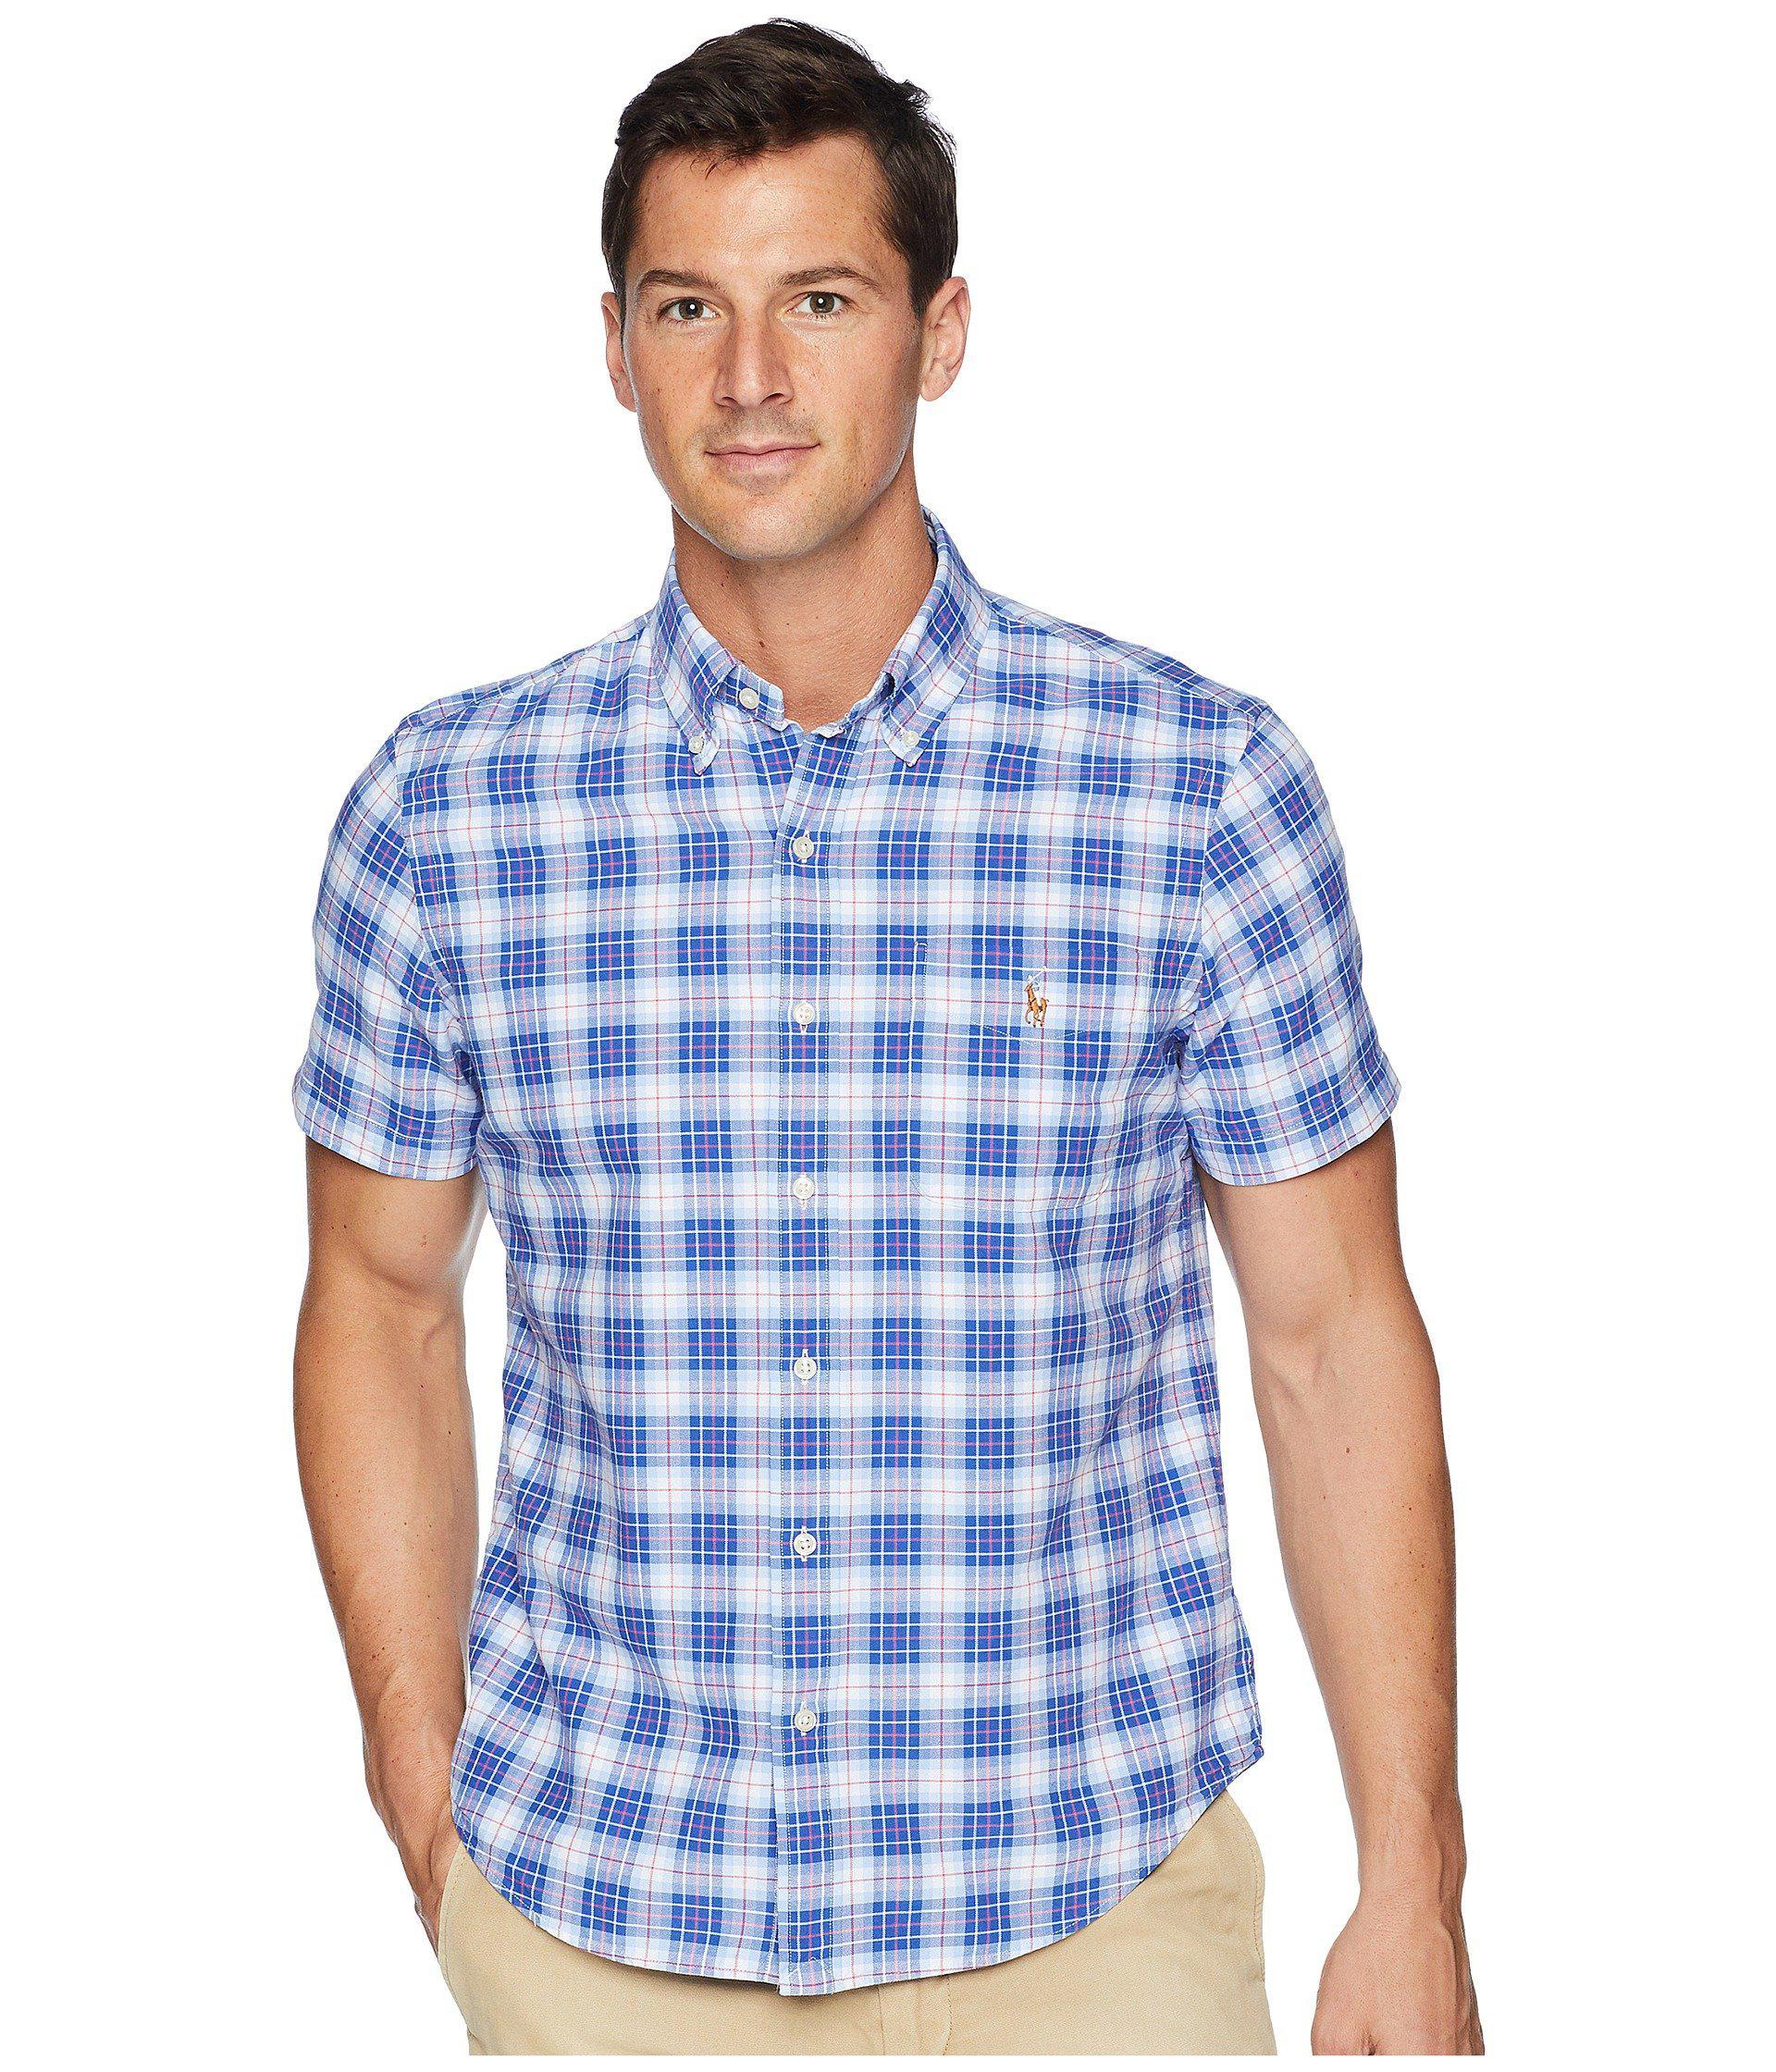 6167992131da ... promo code polo ralph lauren. mens blue button down short sleeve sport  shirt 9a7f9 8fc42